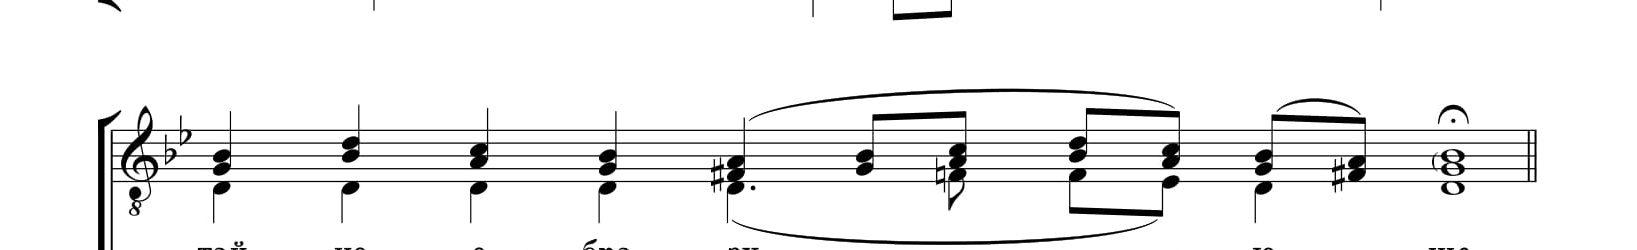 Херувимская песнь (музыка Озерова)